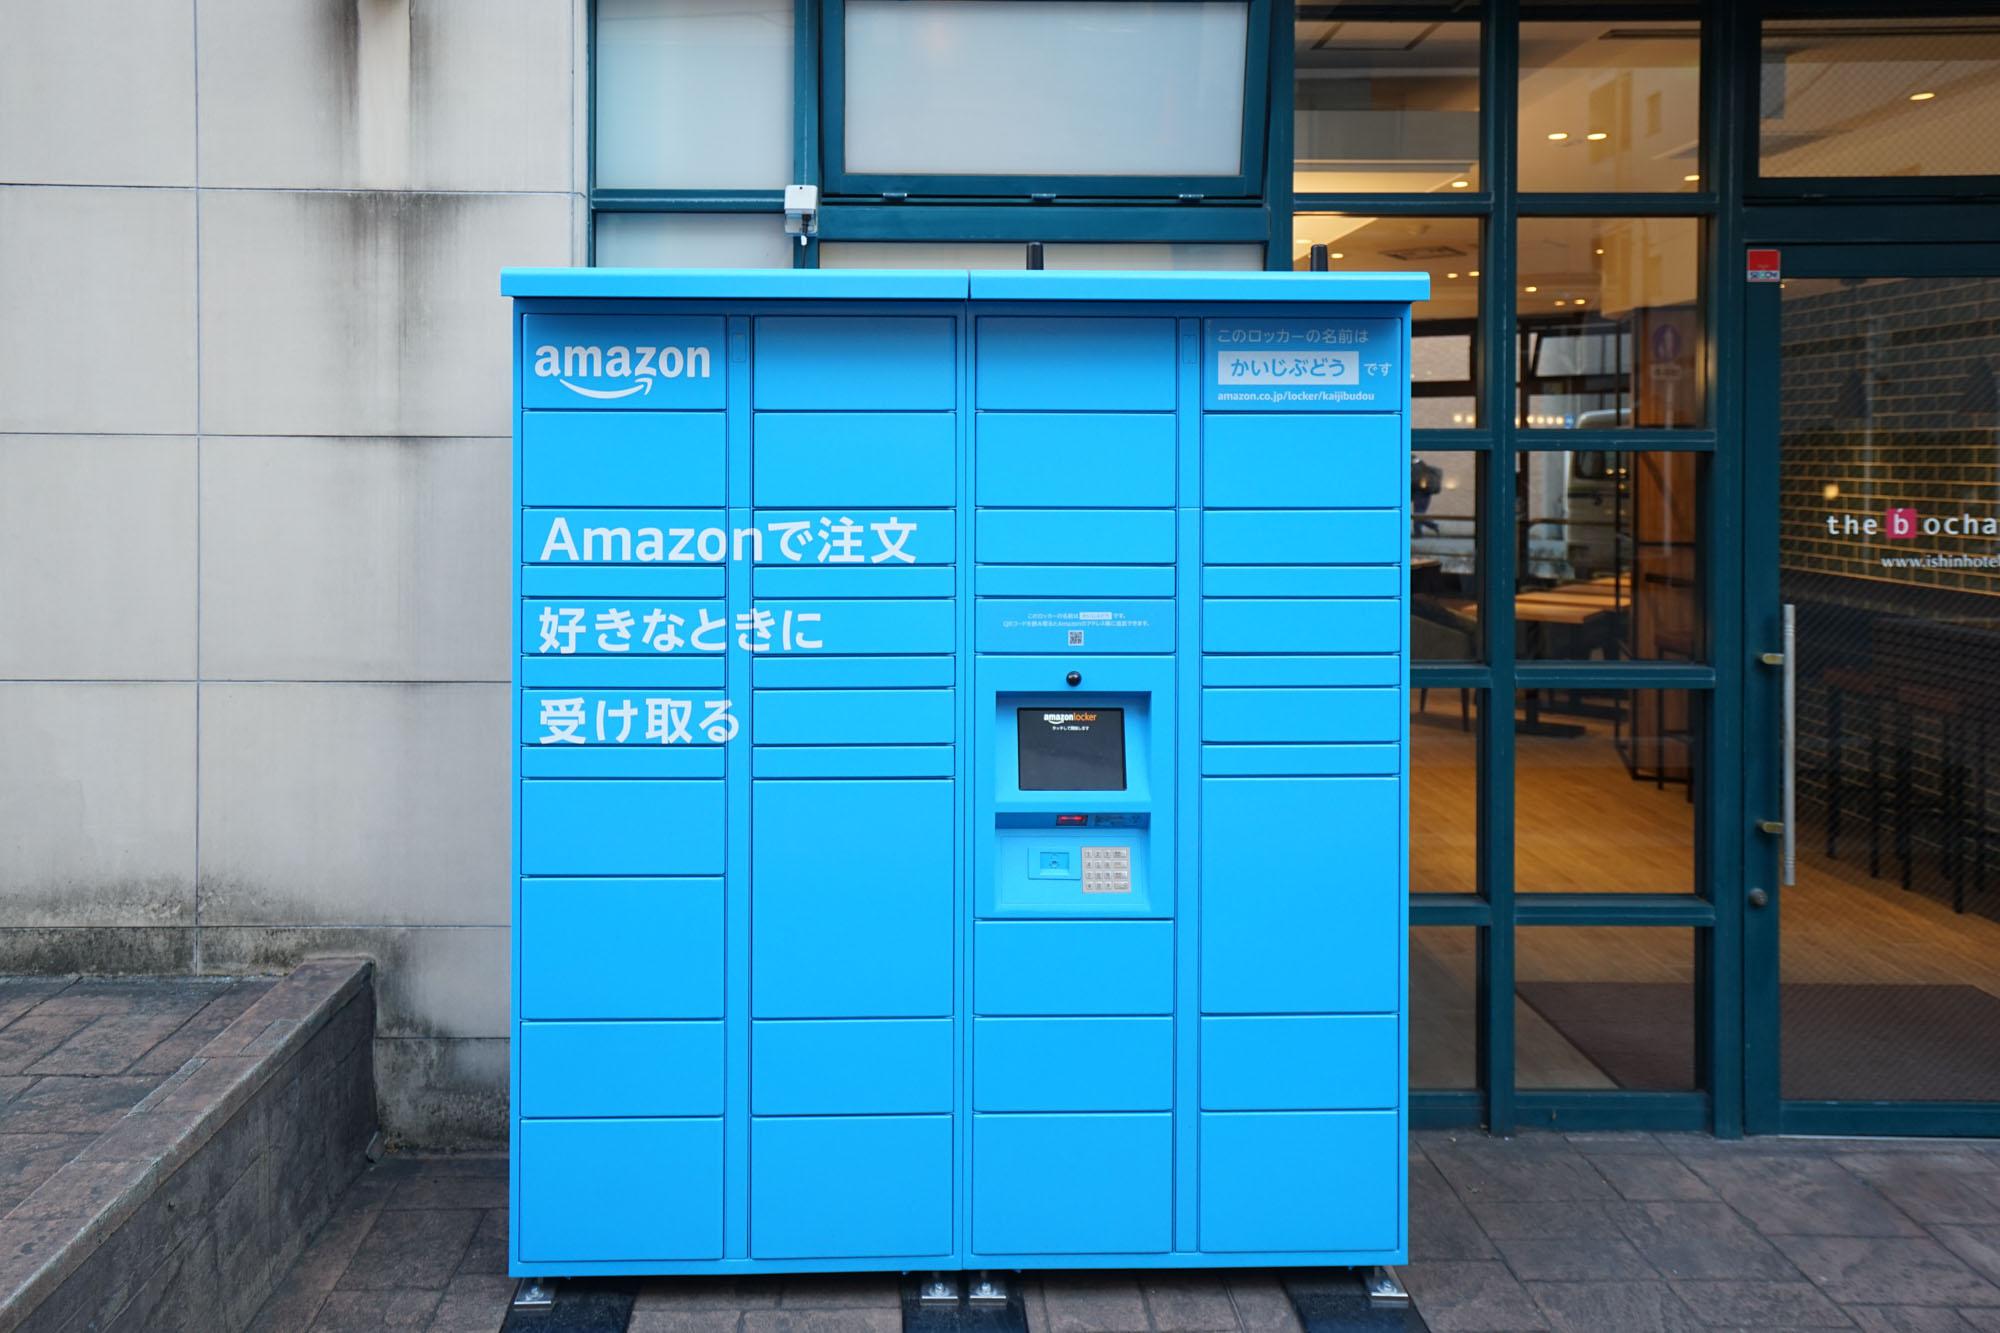 そしてホテルの裏側エントランスには、好きな時にAmazonの荷物が受け取れるAmazon Hub ロッカーが!宅配ボックスみたいに便利に使えてしまいますね。